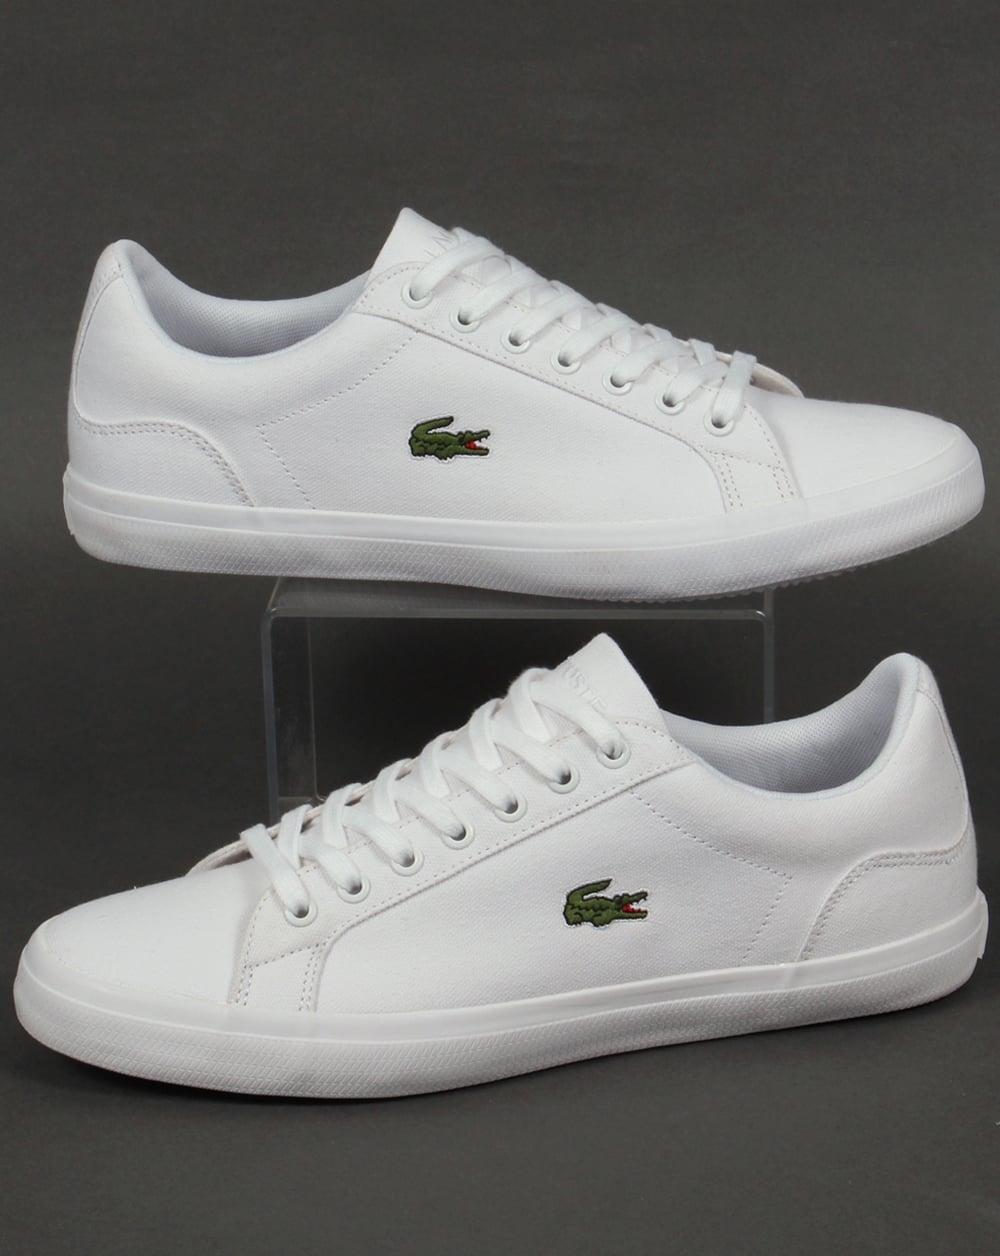 Lacoste Lerond BL Trainers White,shoes,low,mens, plimsole